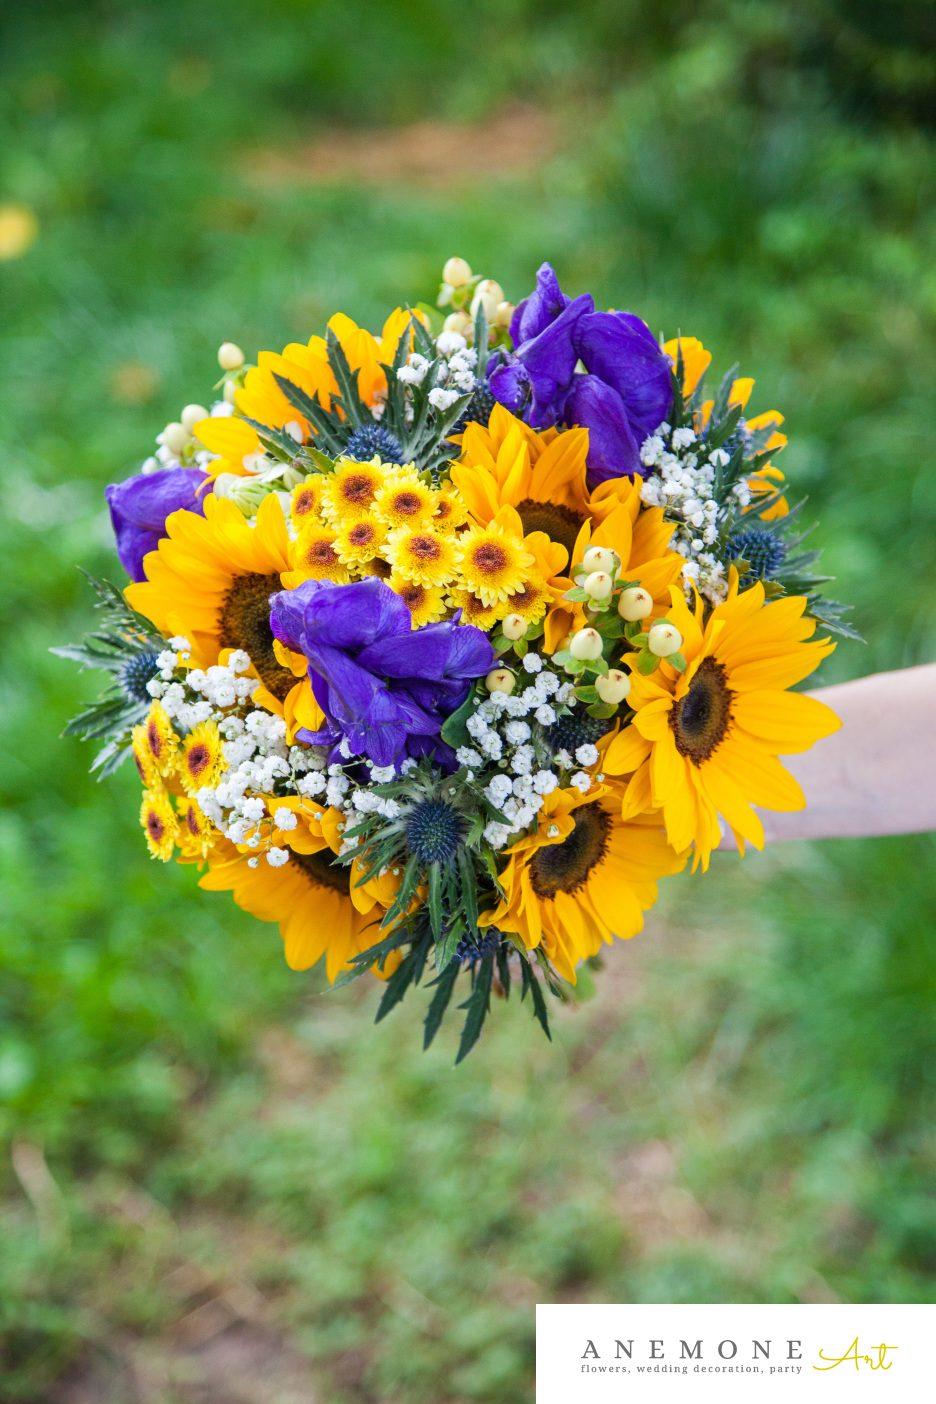 Poza, foto cu Flori de nunta aconitum, albastru, buchet cununie, crizanteme, eryngium, floarea soarelui, galben, gipsofila, legat, rotund, rustic in Arad, Timisoara, Oradea (wedding flowers, bouquets) nunta Arad, Timisoara, Oradea